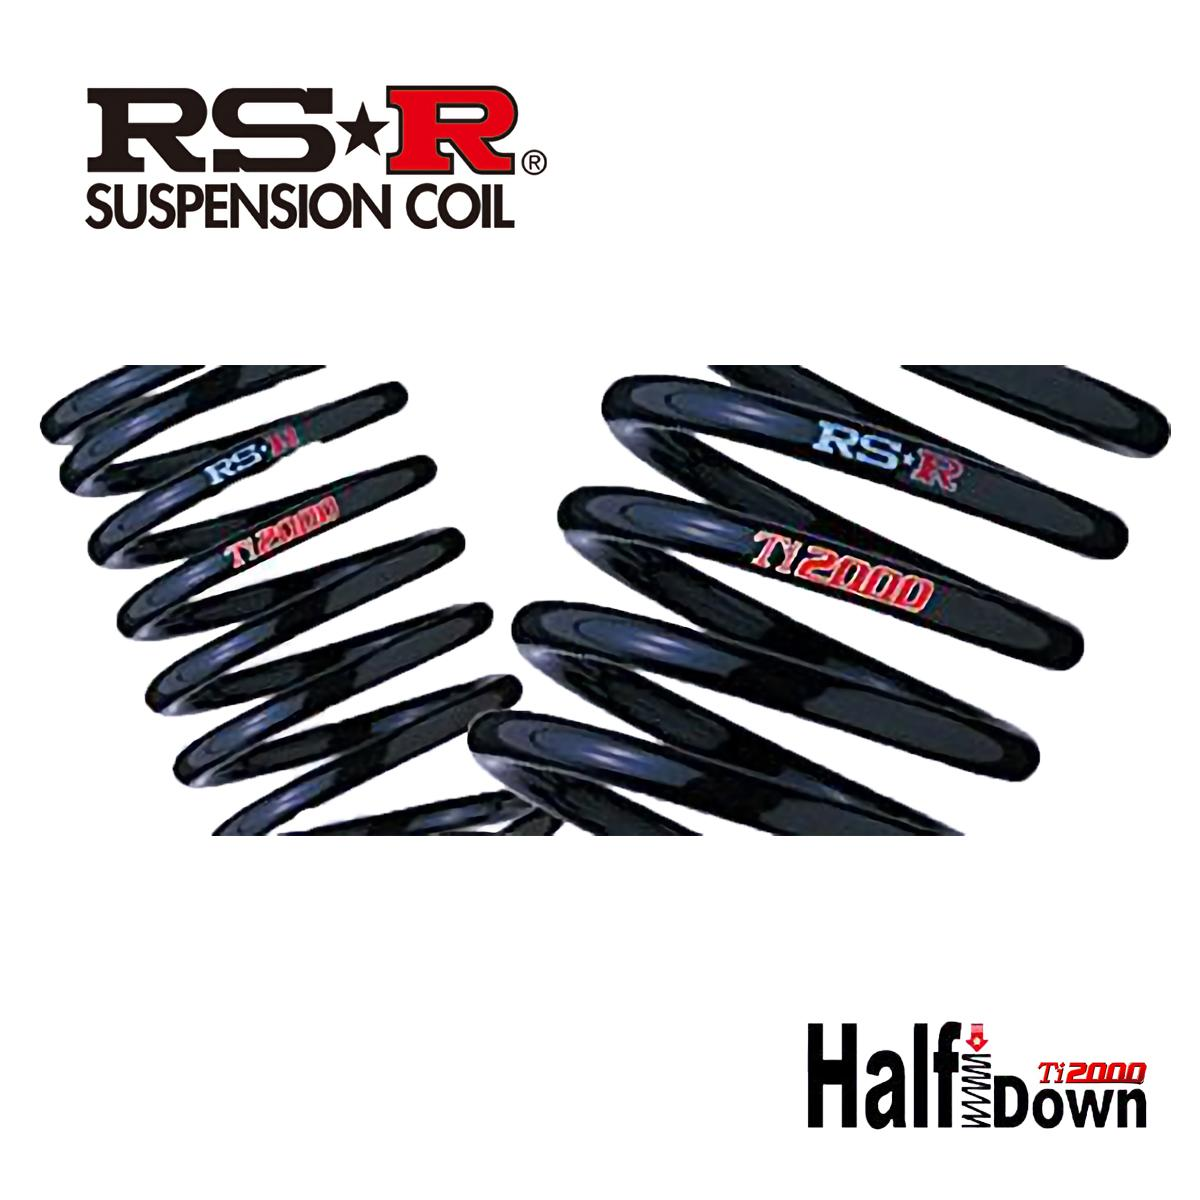 RS-R トール M900S ダウンサス スプリング フロント T513THDF Ti2000 [並行輸入品] カスタムG SAII 個人宅発送追金有 HALF RSR トラスト DOWN ハーフダウン